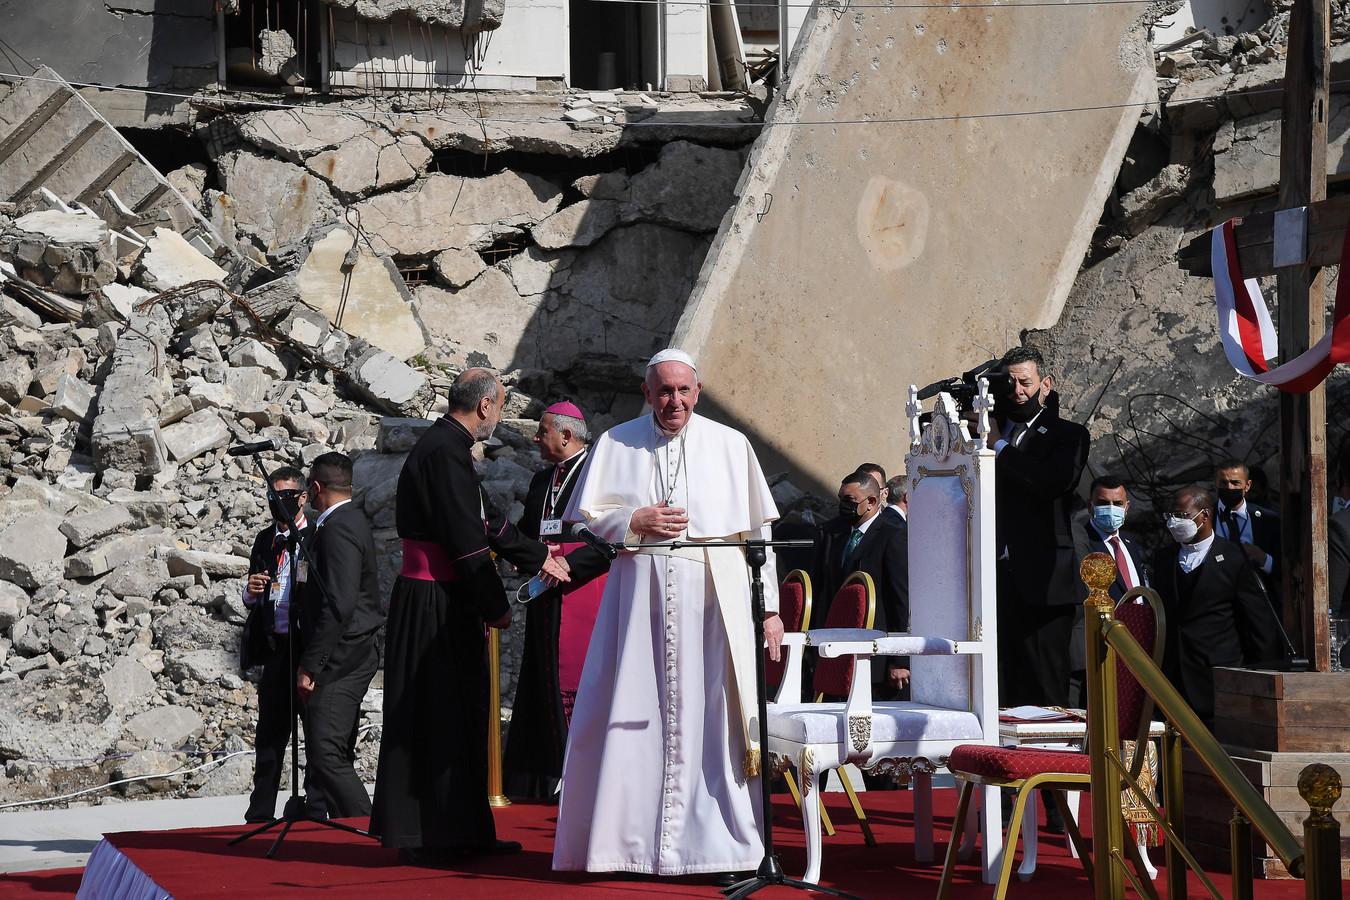 Paus Franciscus bidt voor de slachtoffers van de oorlog in Mosul.